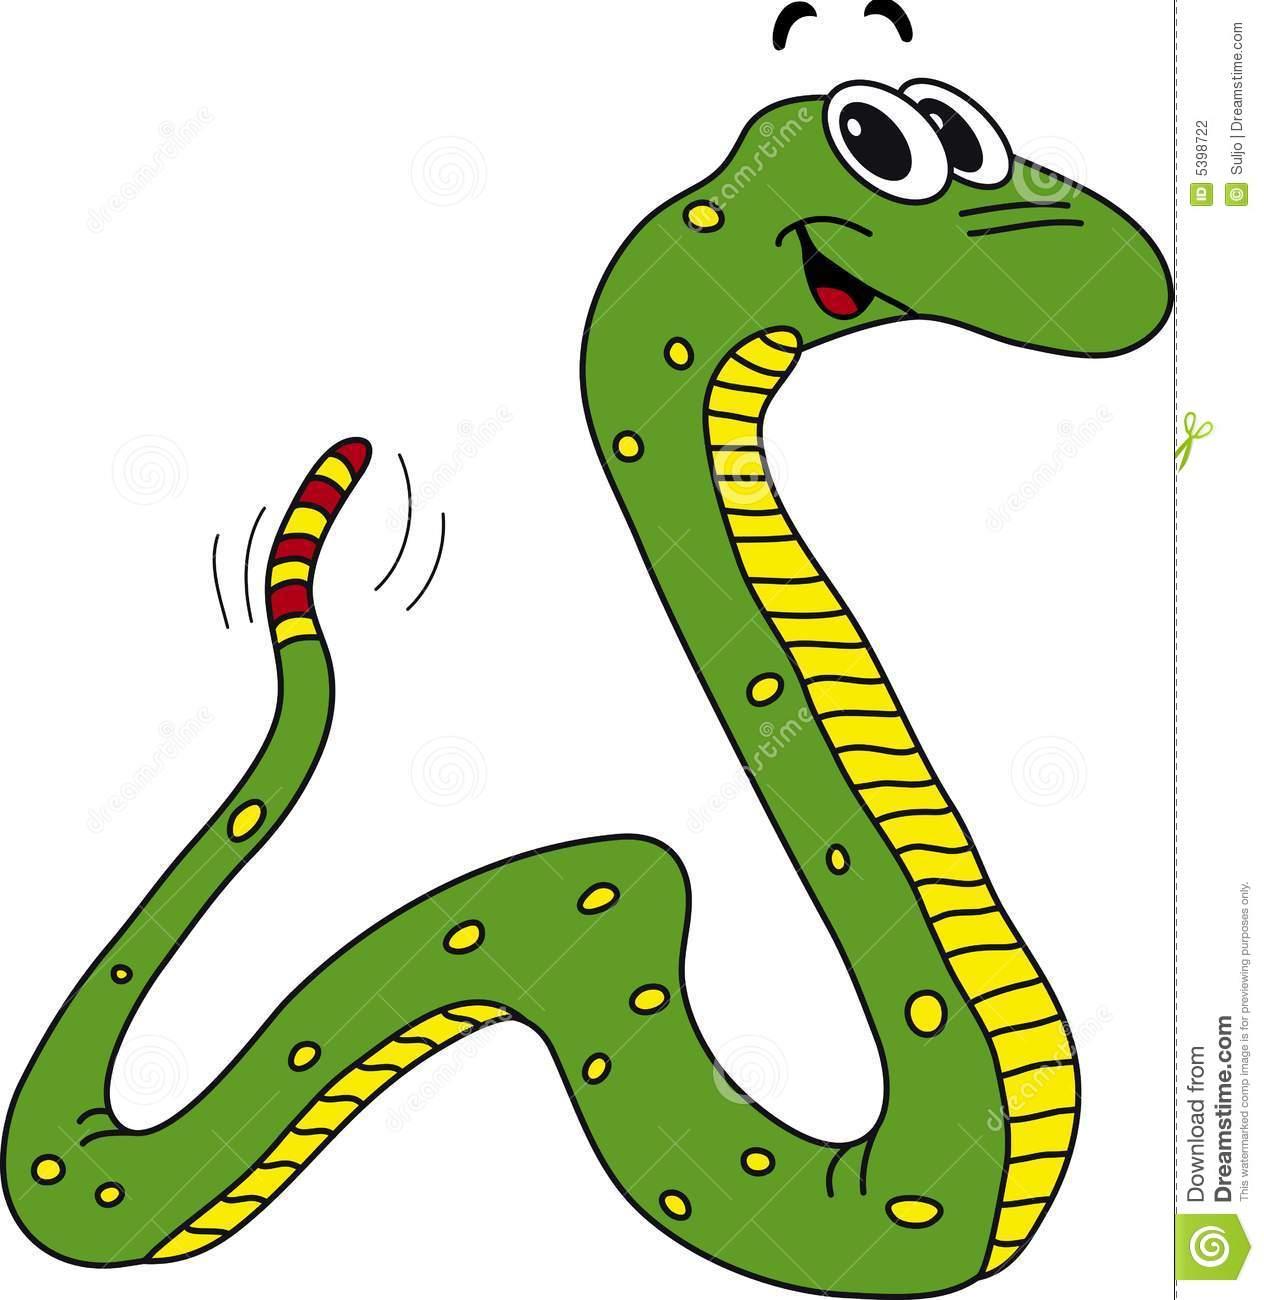 1264x1300 The Reptile Clipart